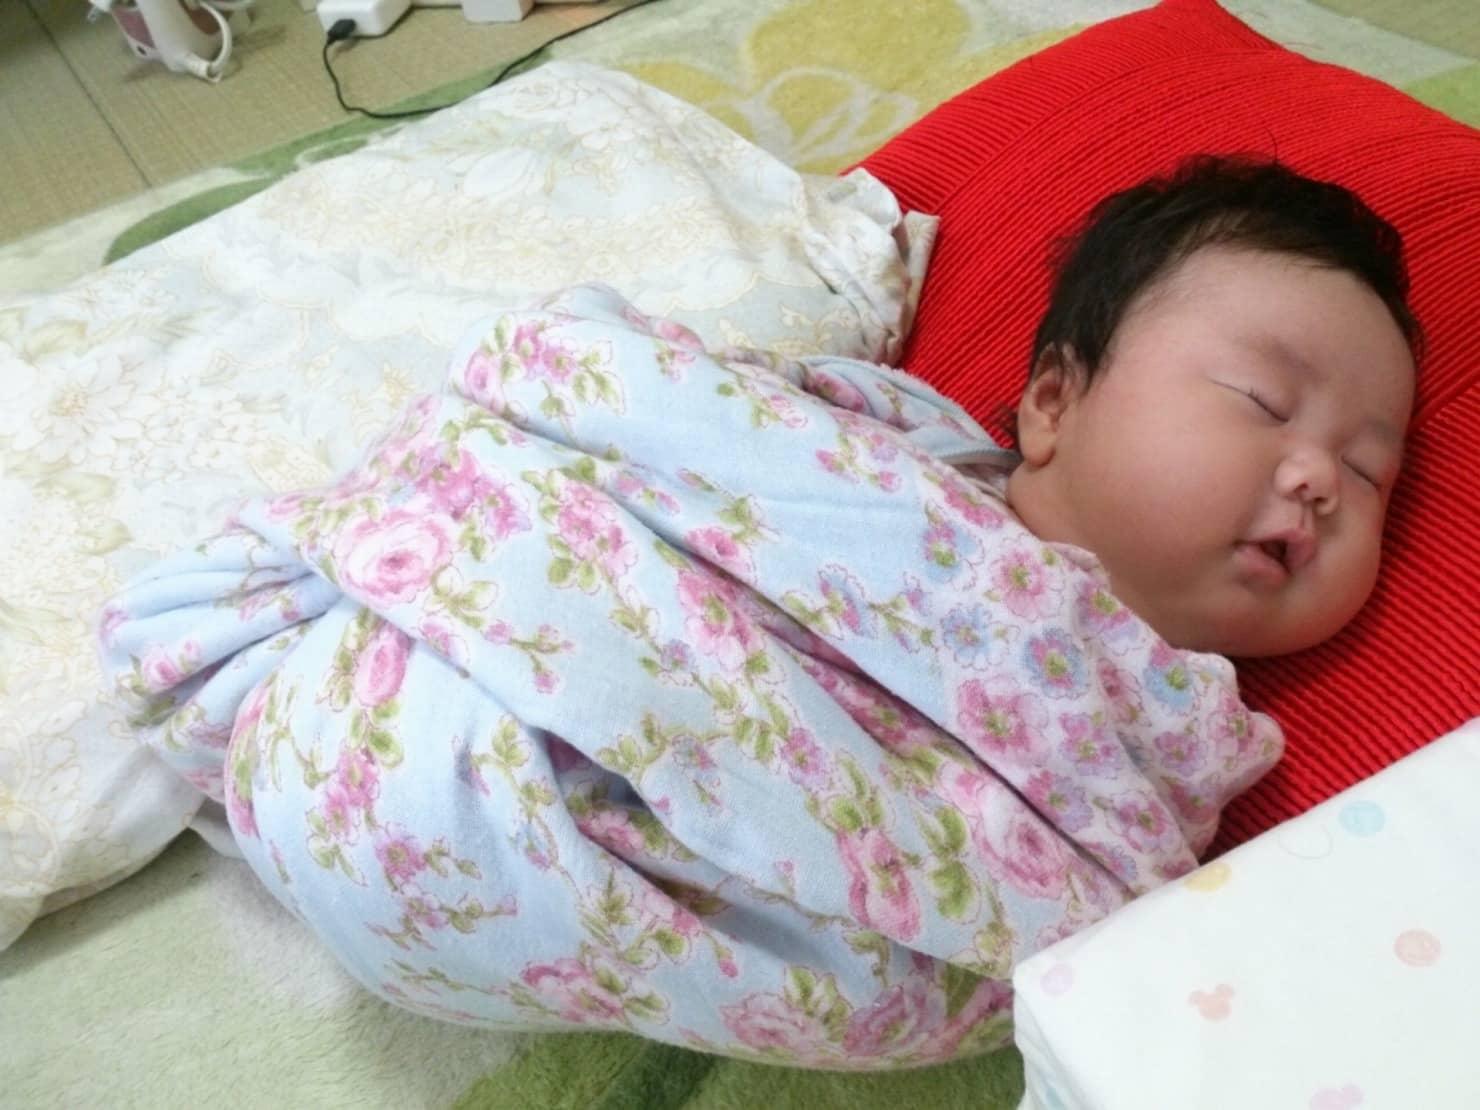 おひなまきとは? 赤ちゃんがいつからいつまで寝かしつけ効果はある? 巻き方の注意点も紹介